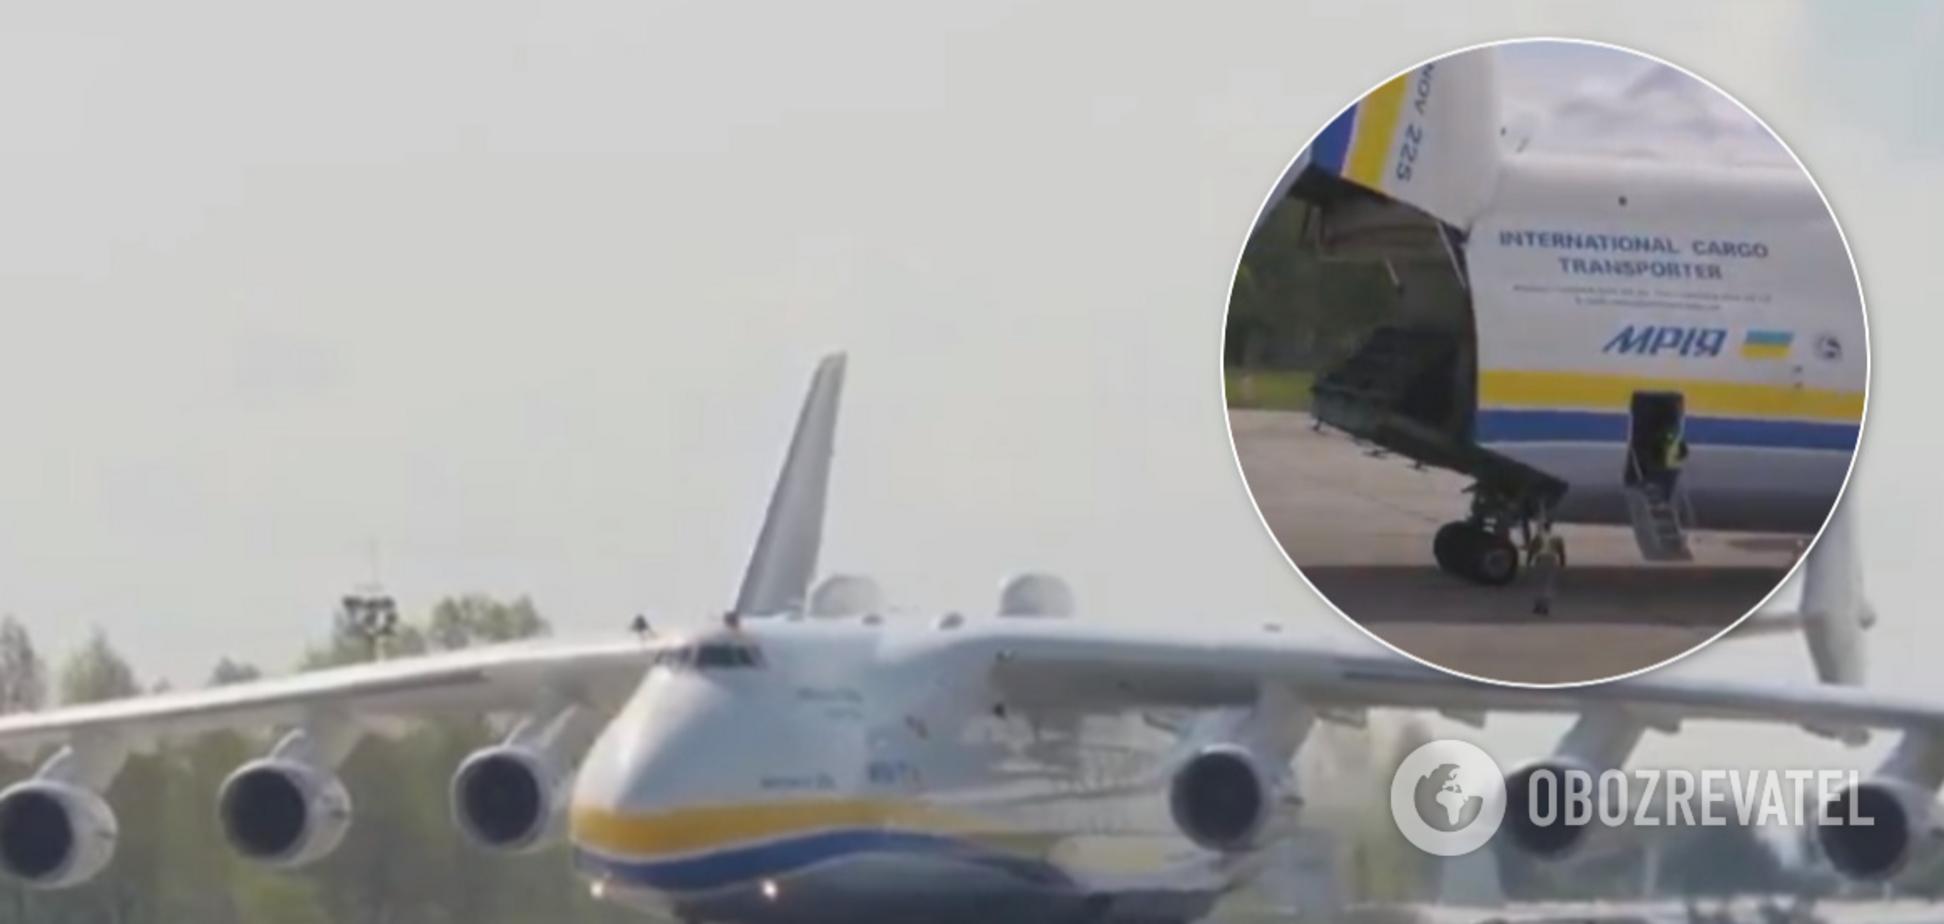 'Мрія' доставила в Украину новый гуманитарный груз из Китая